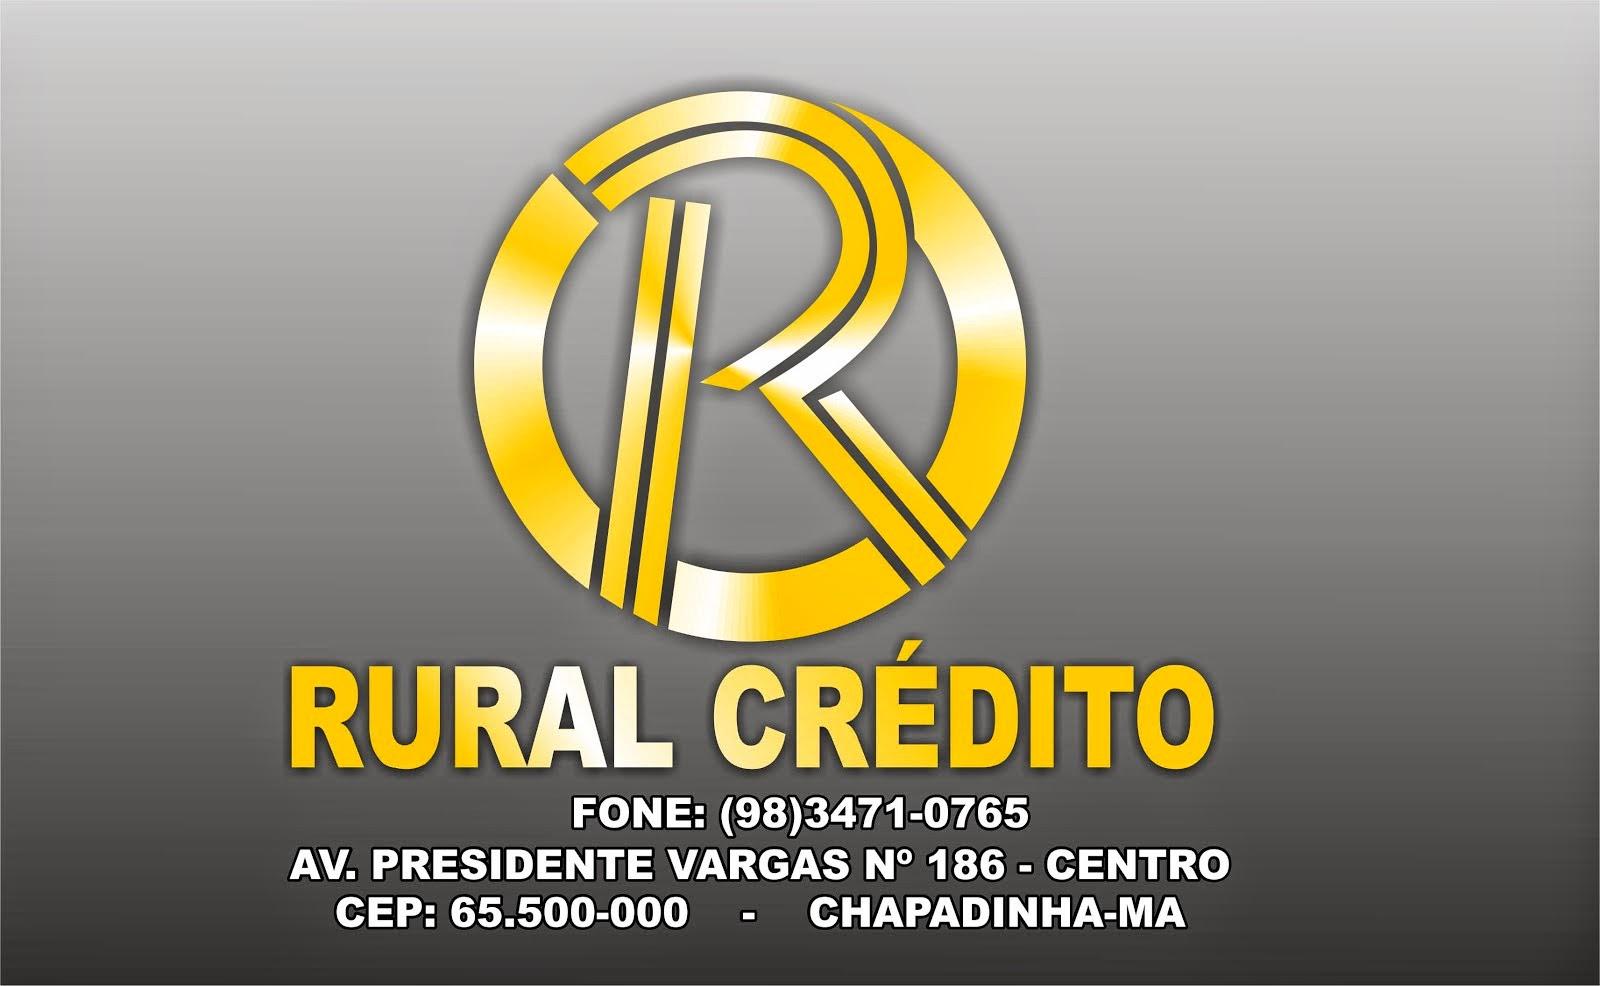 Rural Crédito